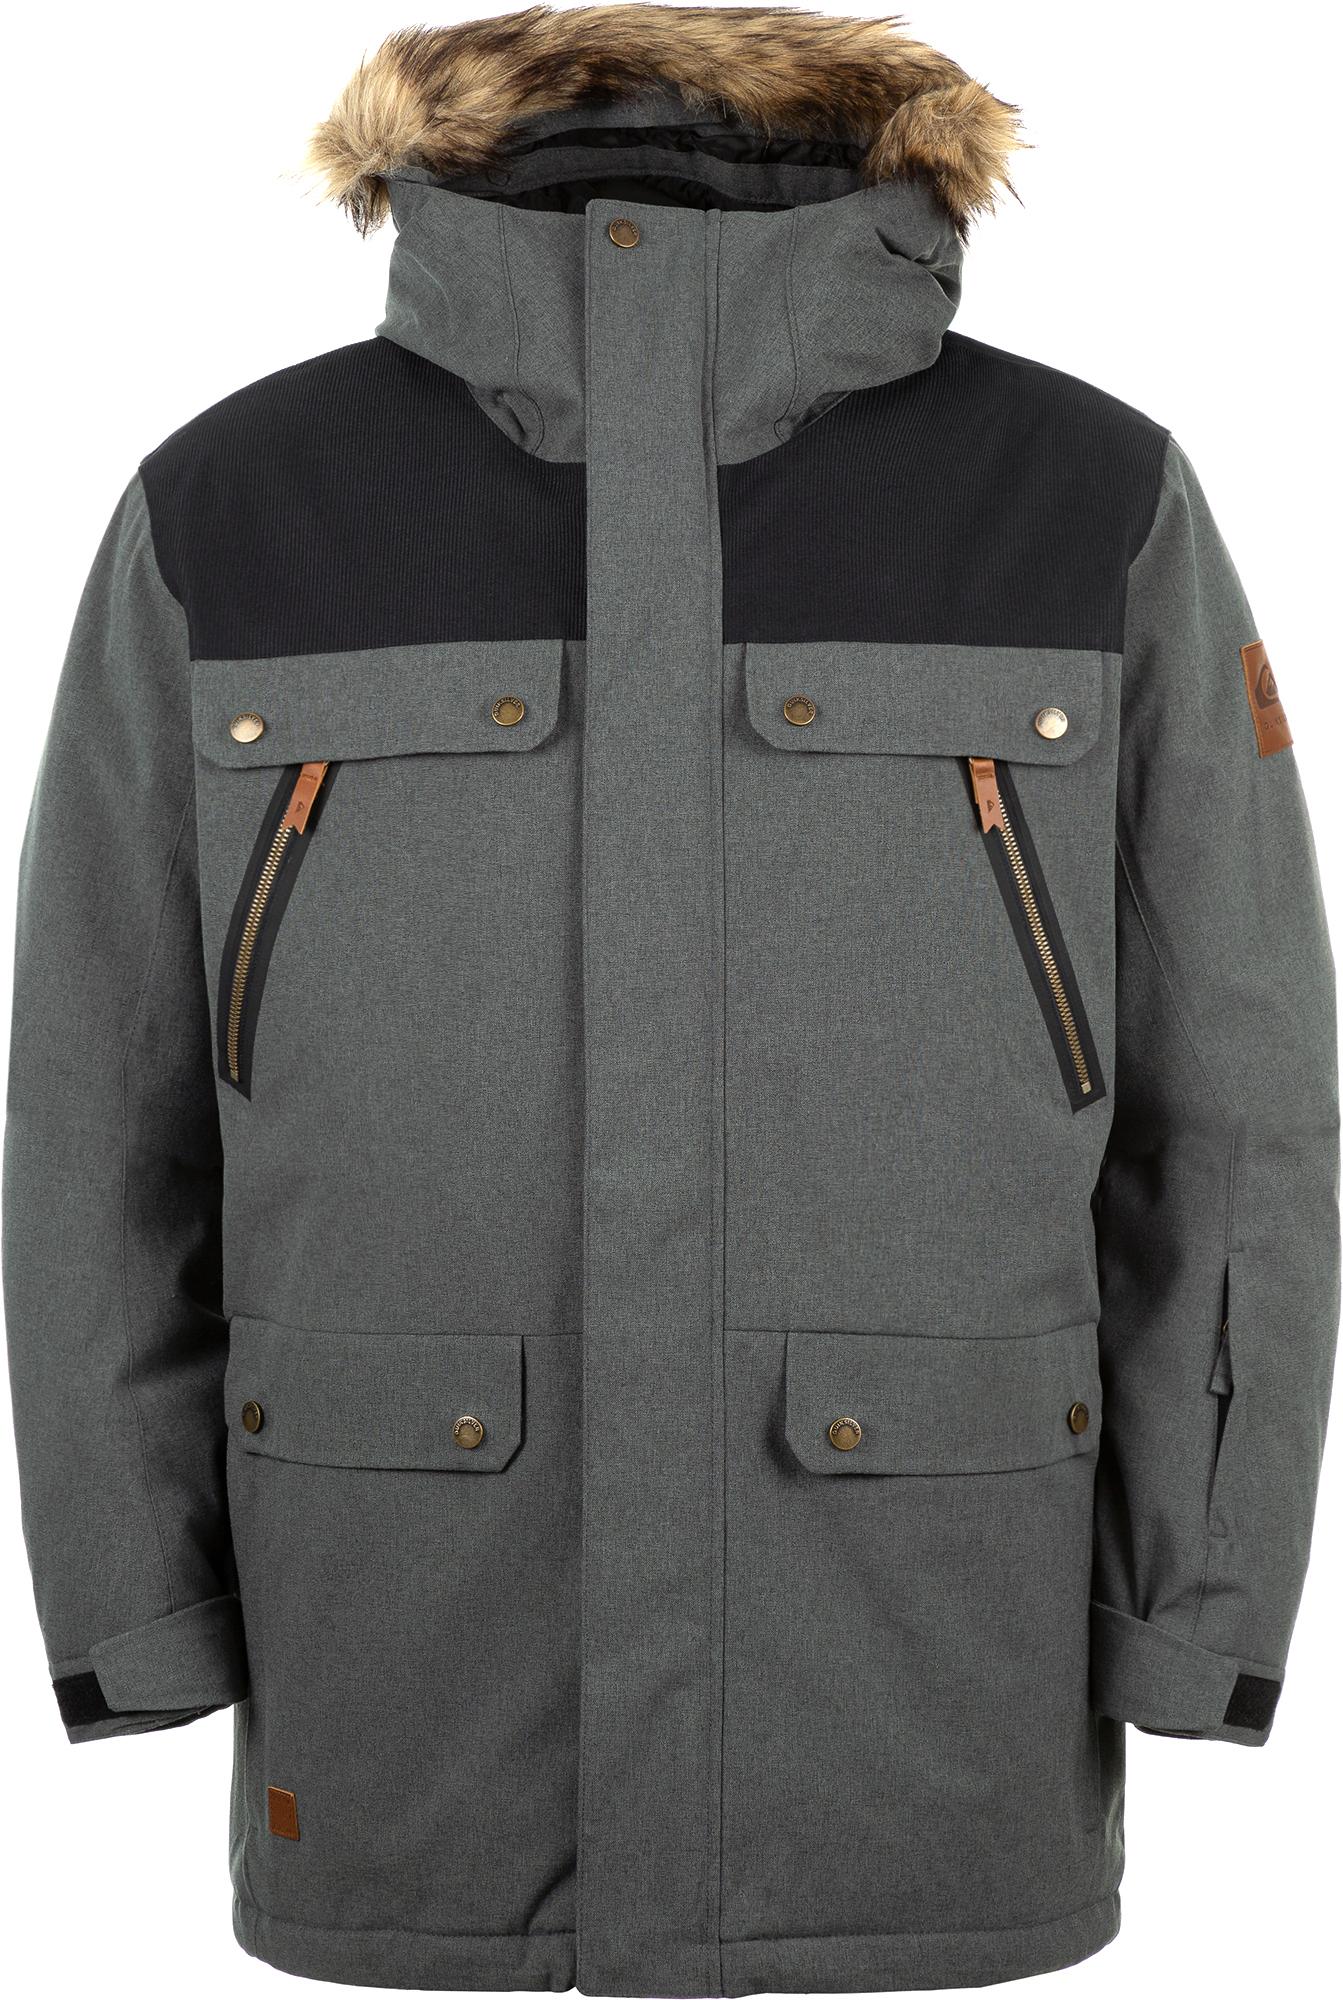 цена на Quiksilver Куртка утепленная мужская Quiksilver Selector Jk, размер 52-54